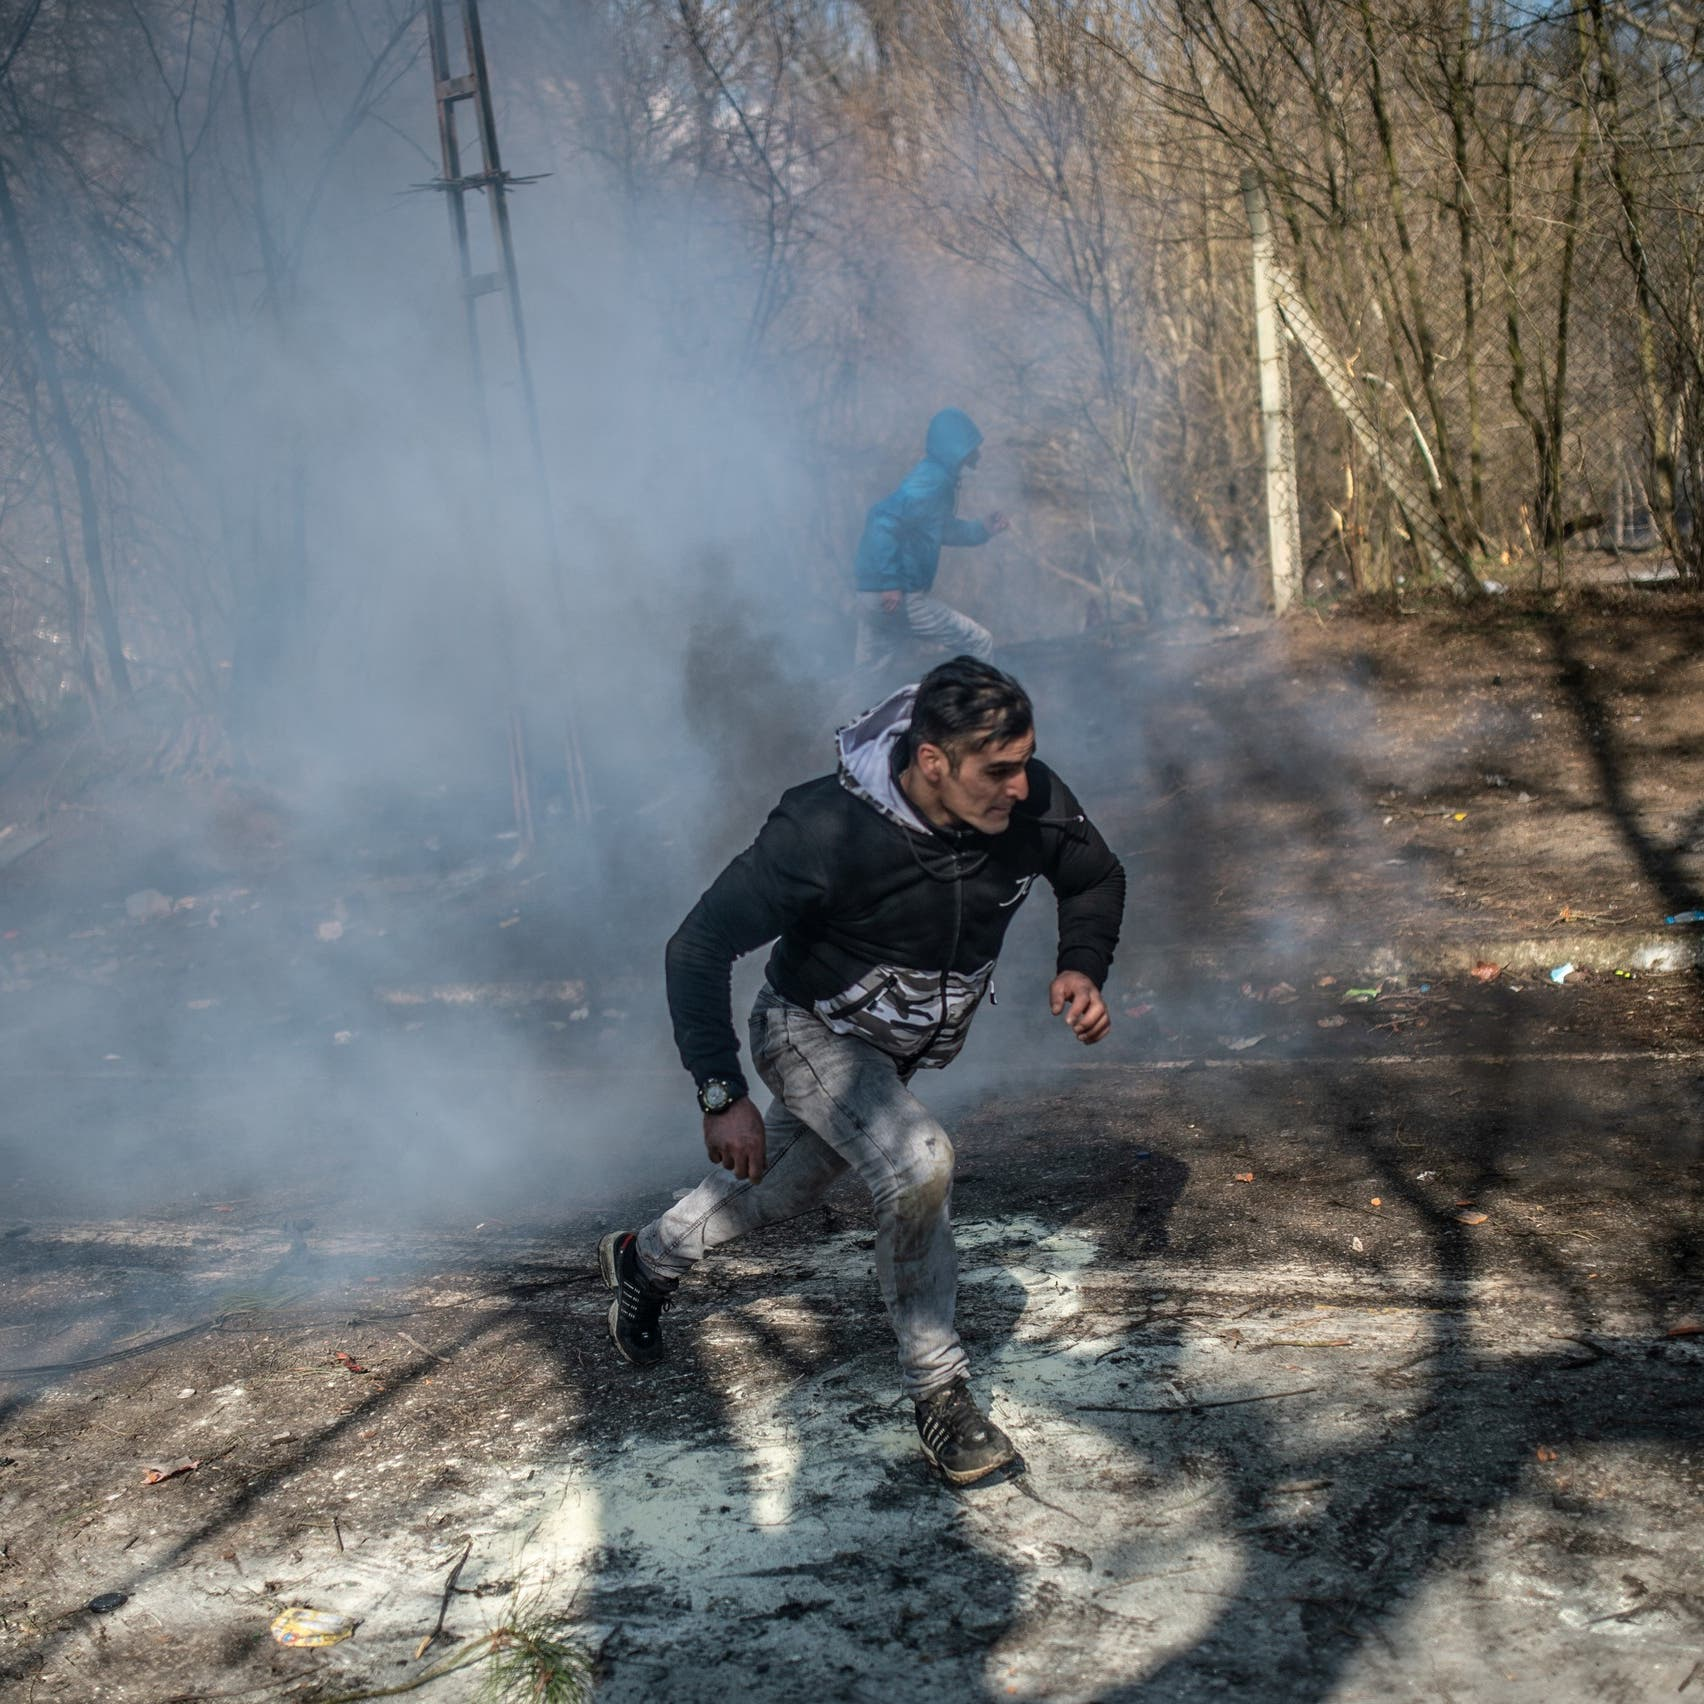 على حدود اليونان.. غاز مسيل للدموع في وجه المهاجرين